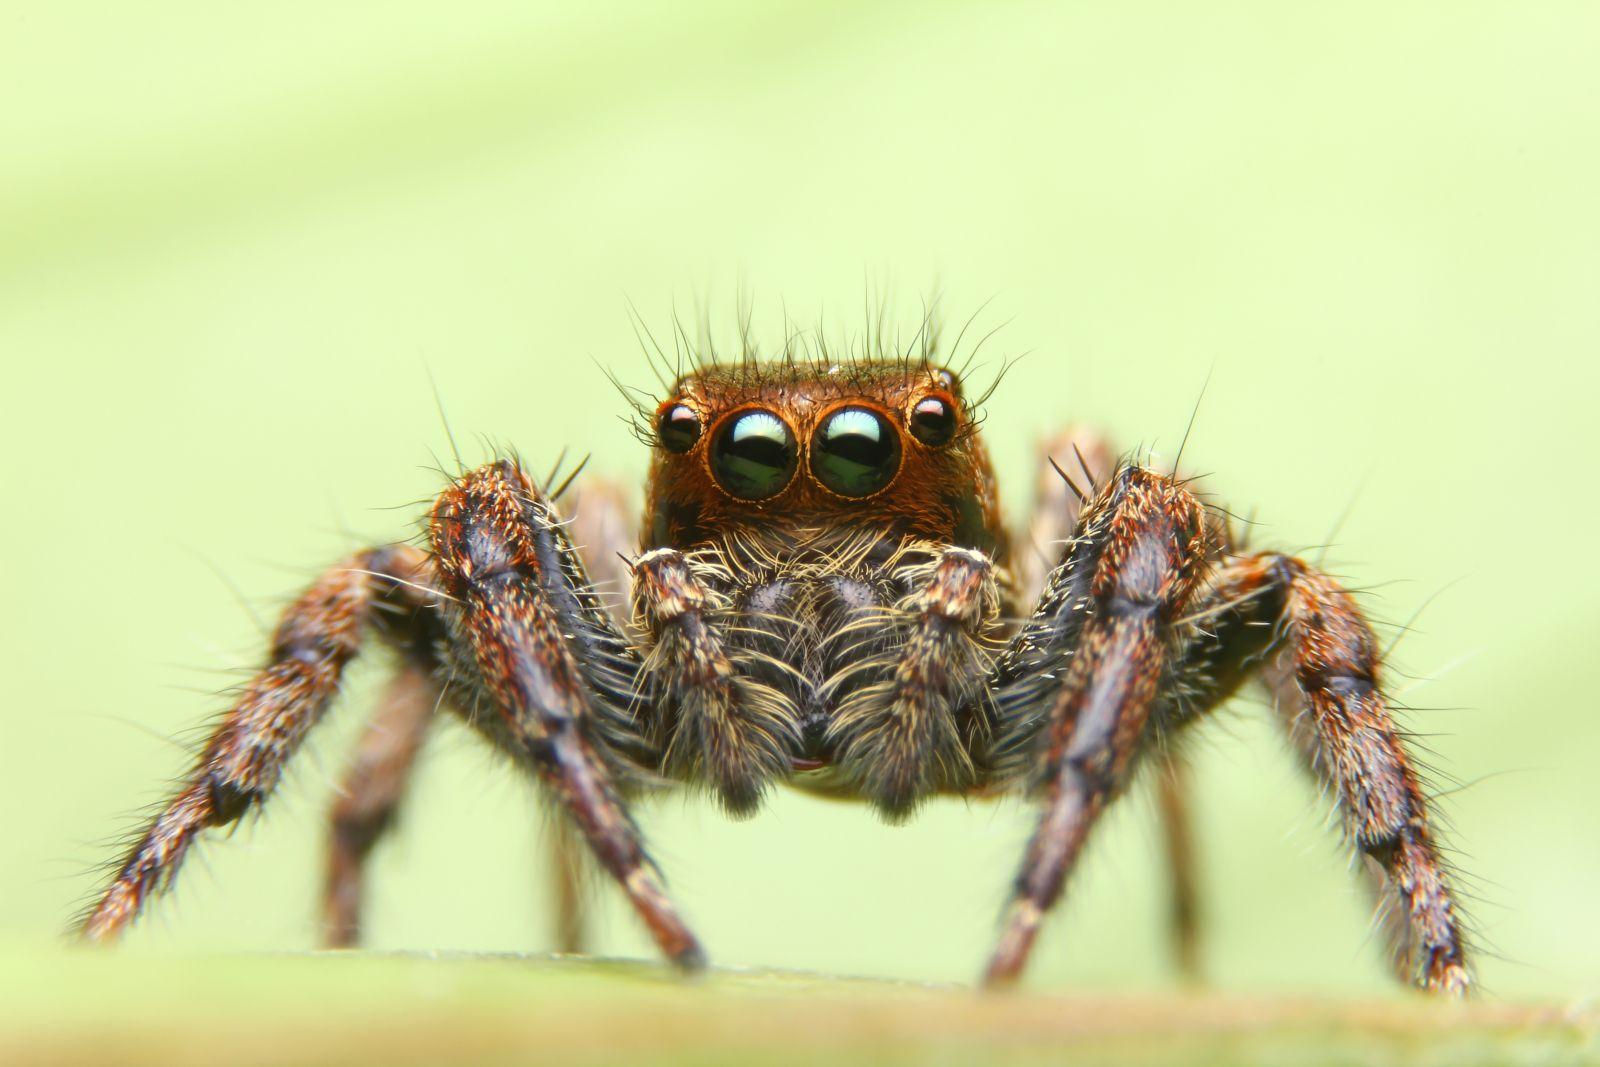 Vědci Využít se snaží také pavoučí jed, který ve většině případů není pro člověka nebezpečný, mohl by však dobře sloužit jako přírodní pesticid.